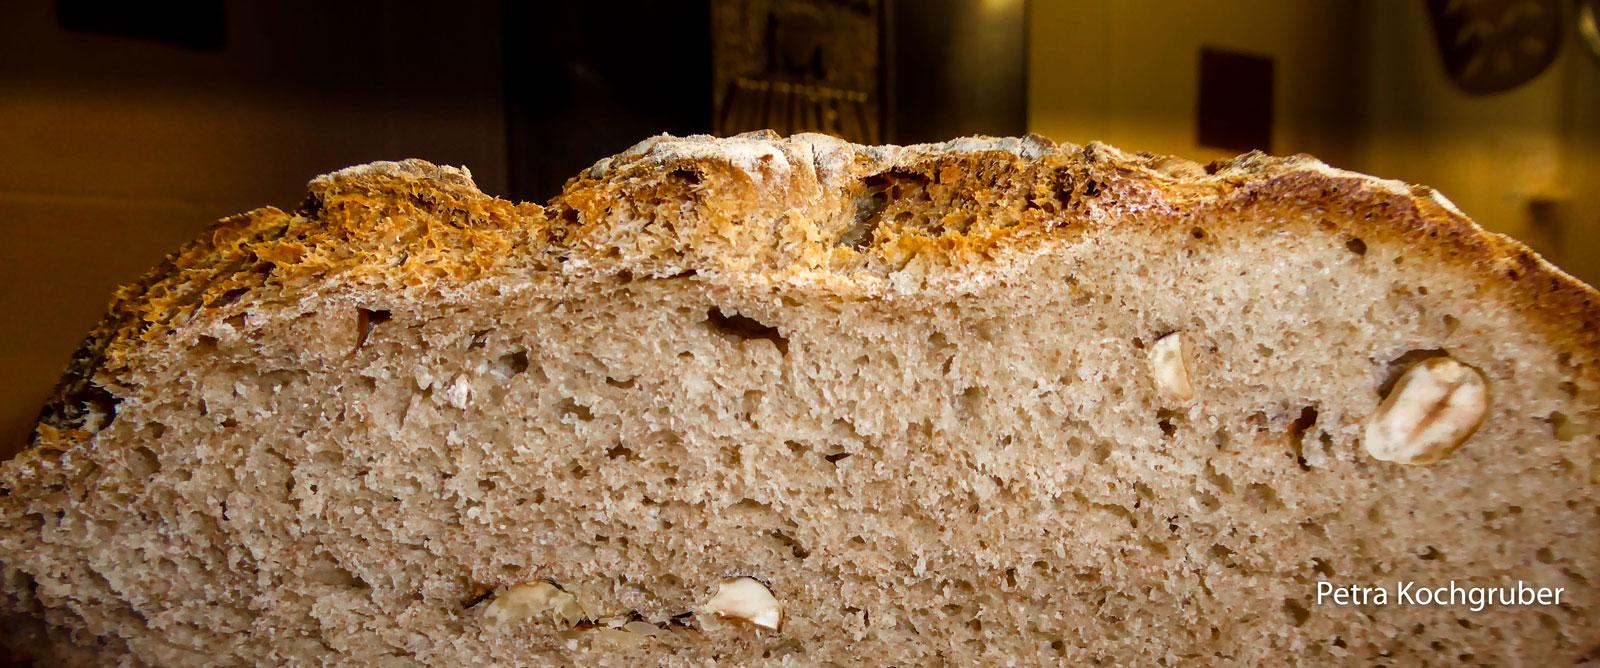 Brot-Anschnitt